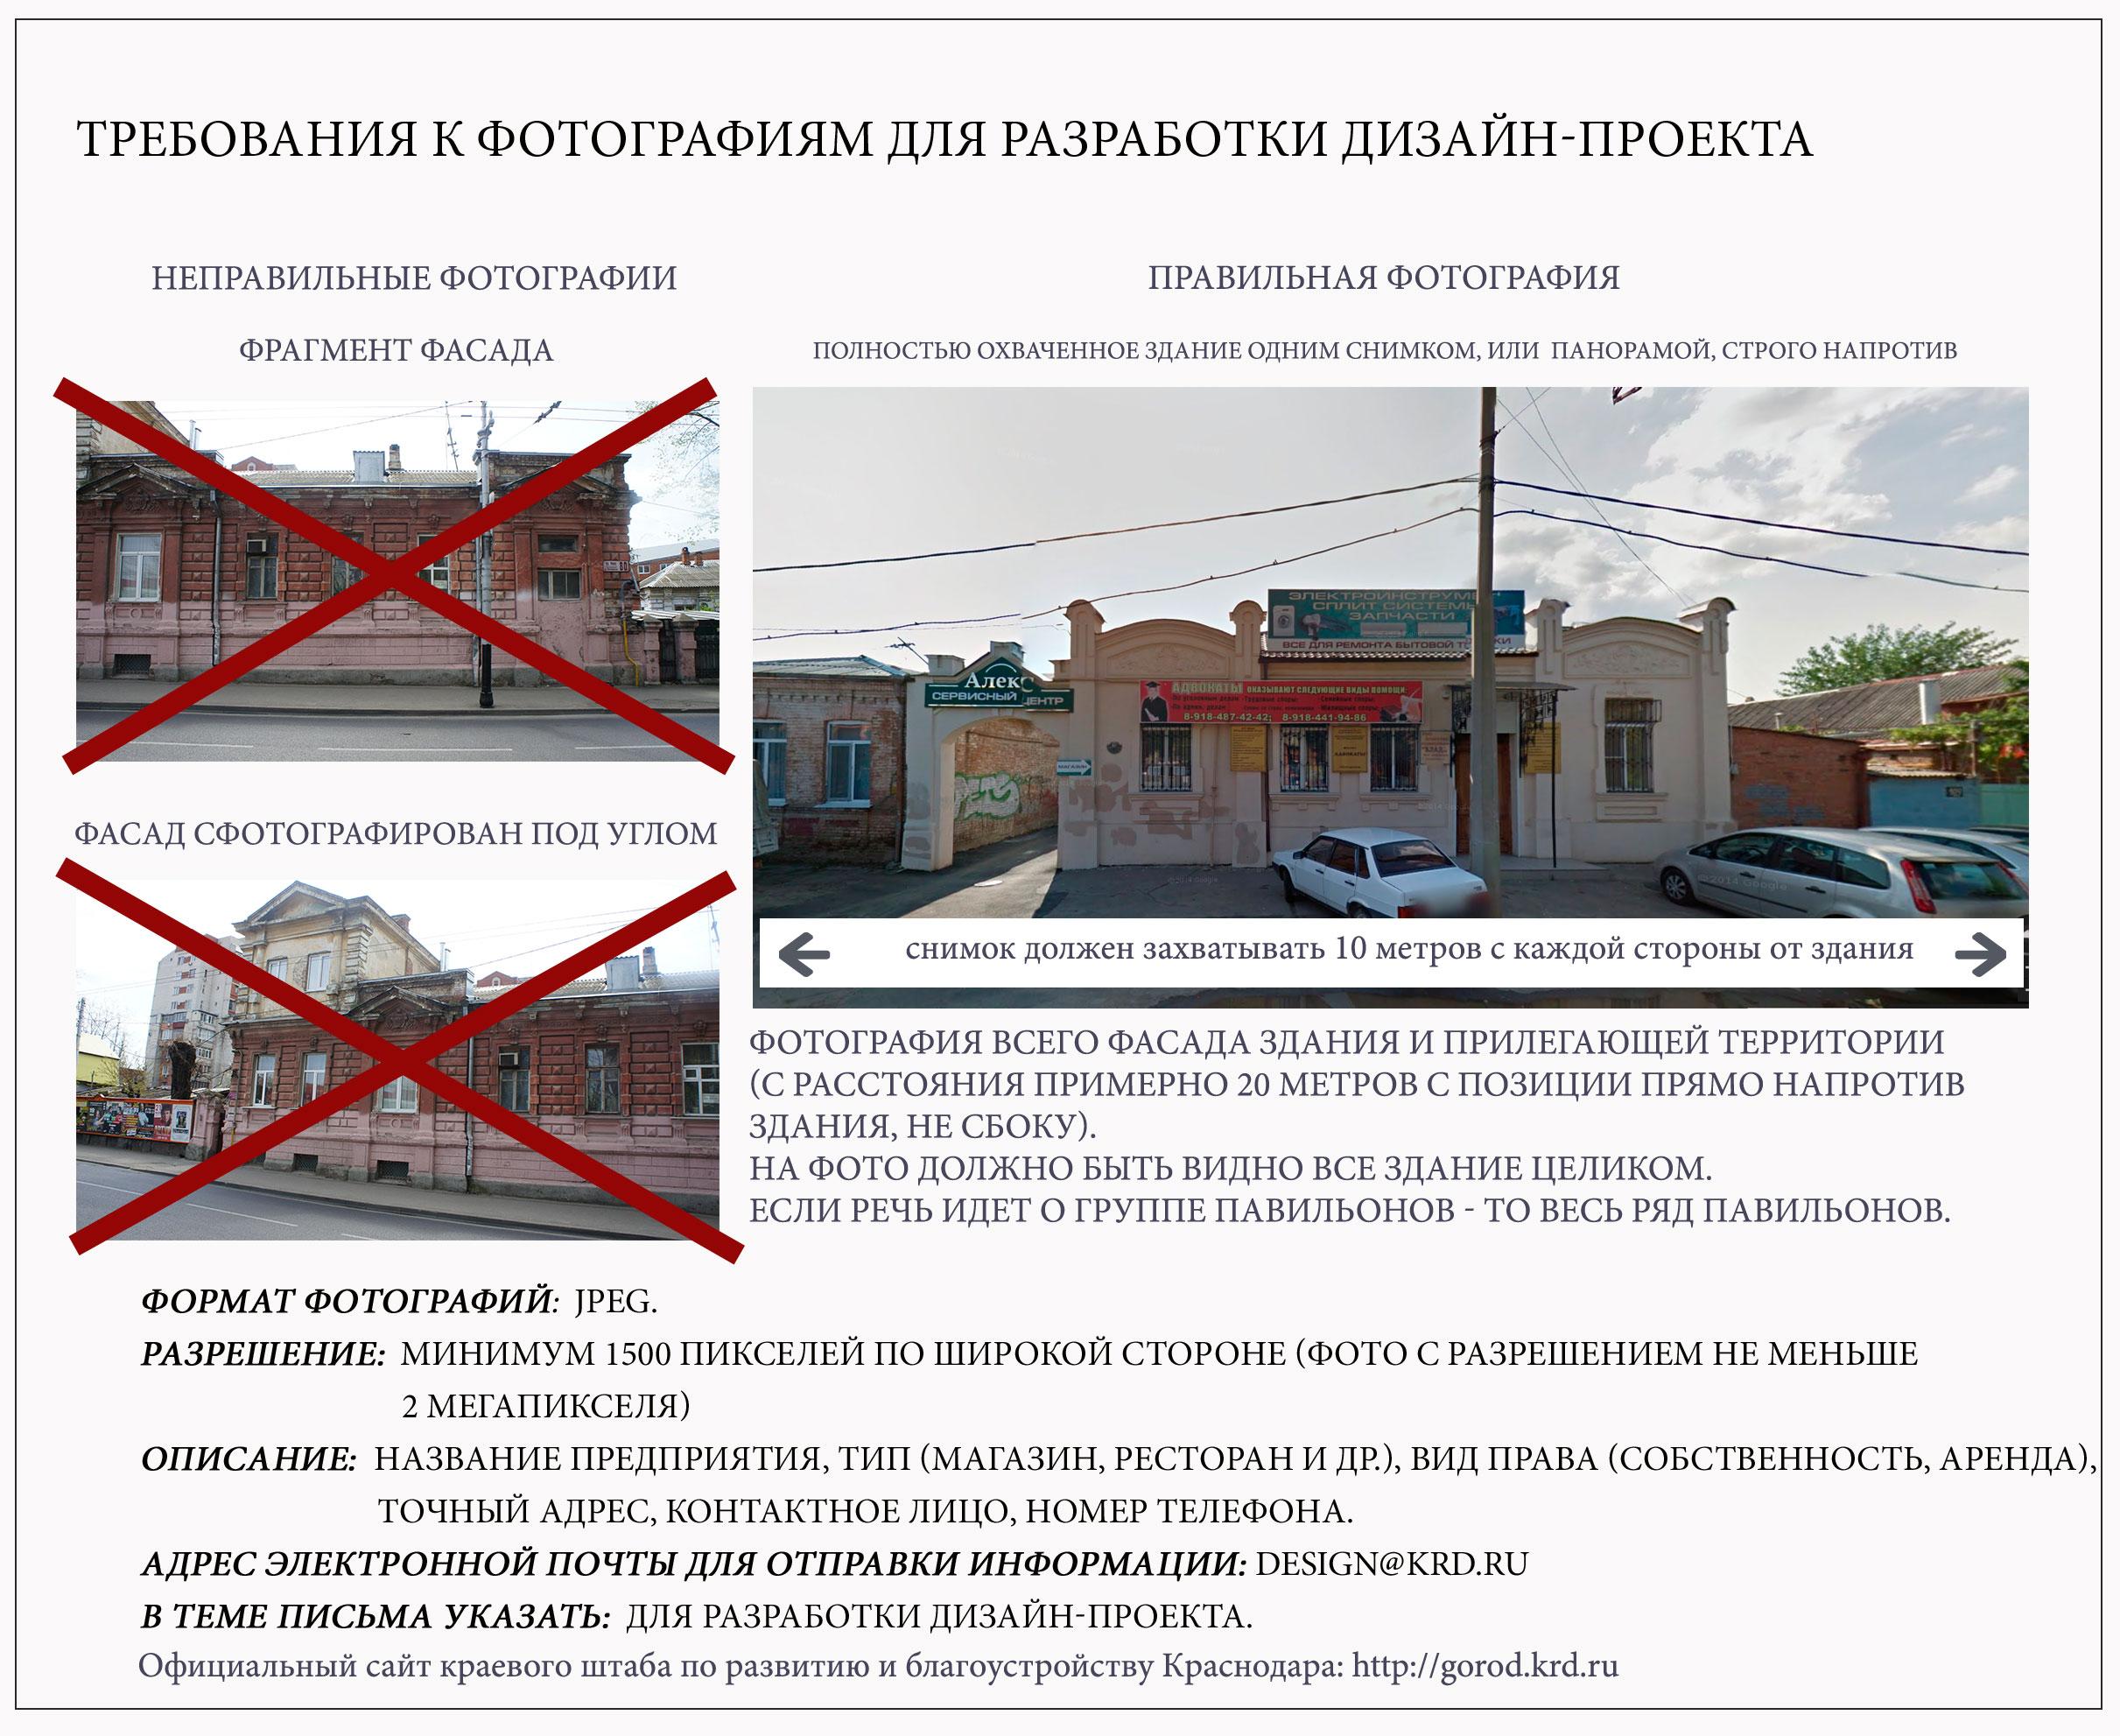 Как выглядят дома Владимира Путина фото изнутри и снаружи